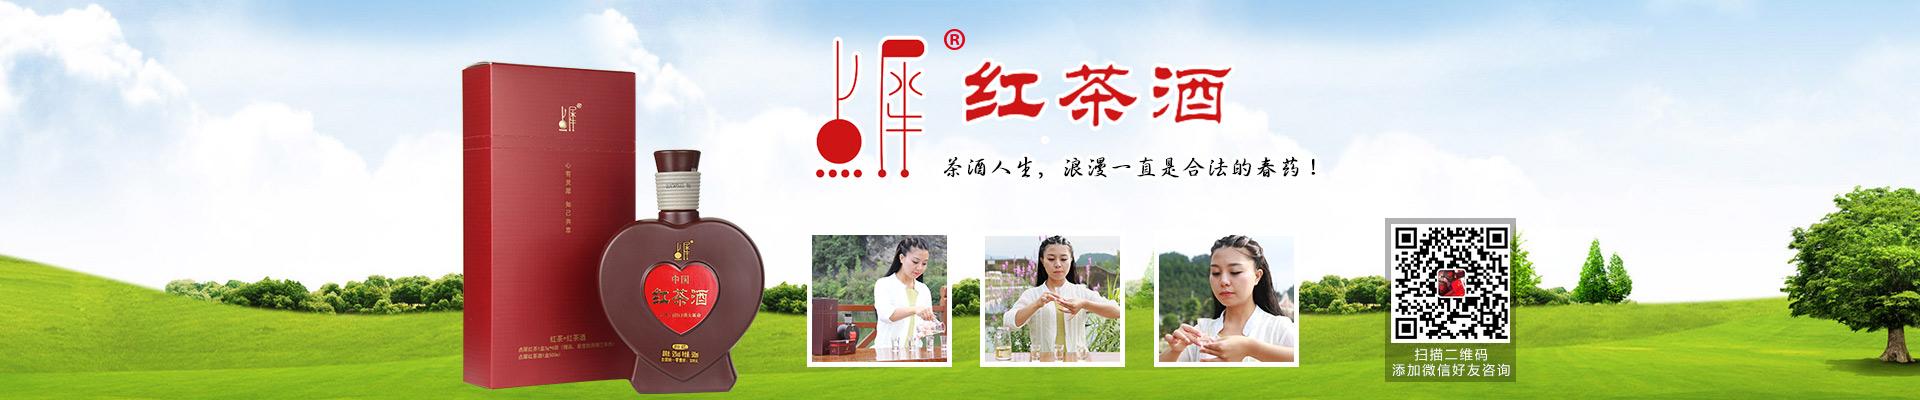 贵州圣心茶酒有限公司